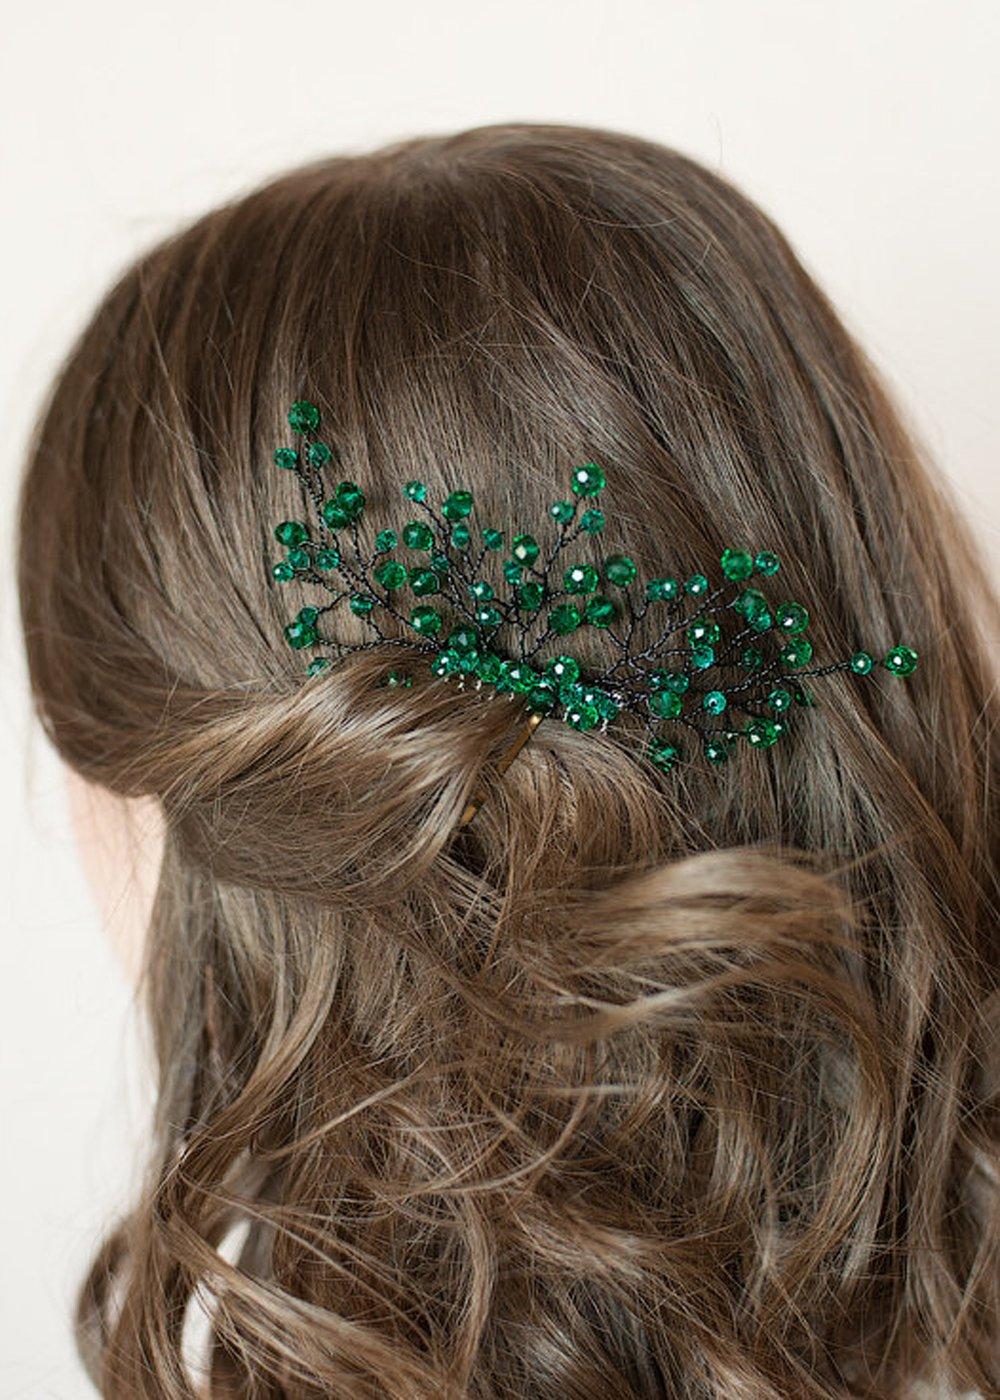 Handmadejewelrylady Bridal Green Rhinestone Flower Hair Comb Wedding Crystal Headpiece Elegant Headwear